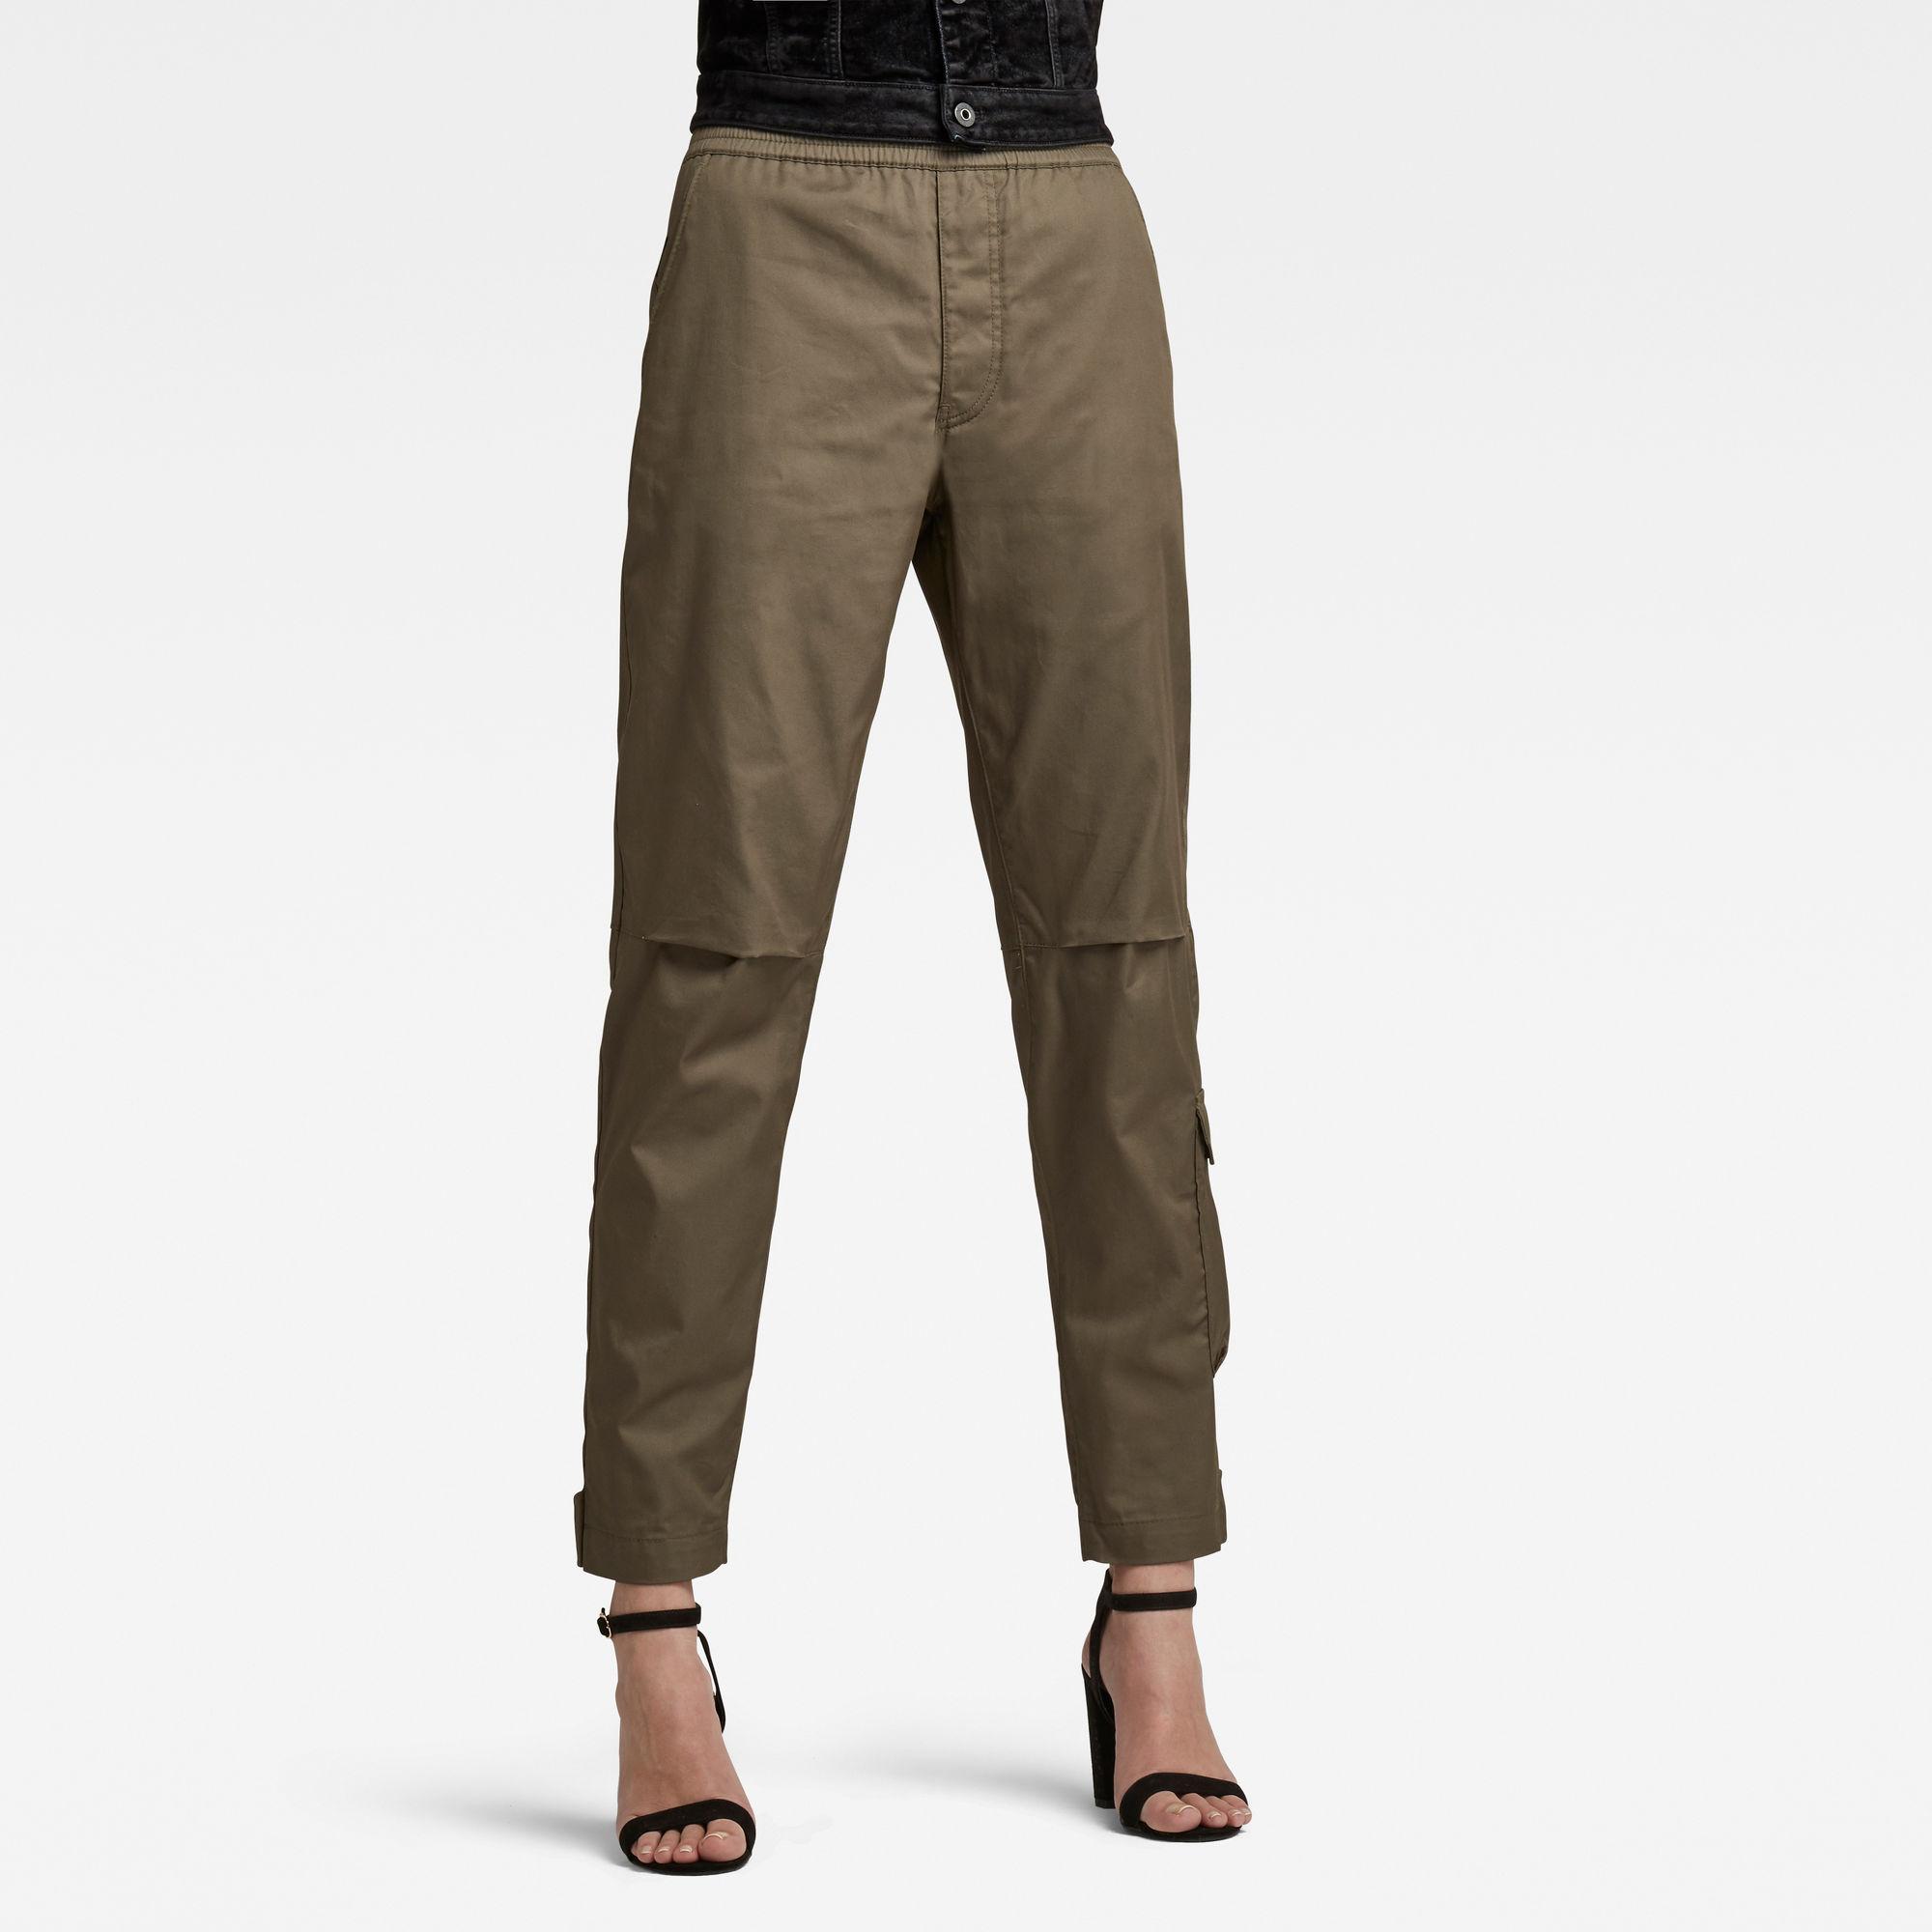 G-Star RAW Dames Elasticated waist Pant Groen